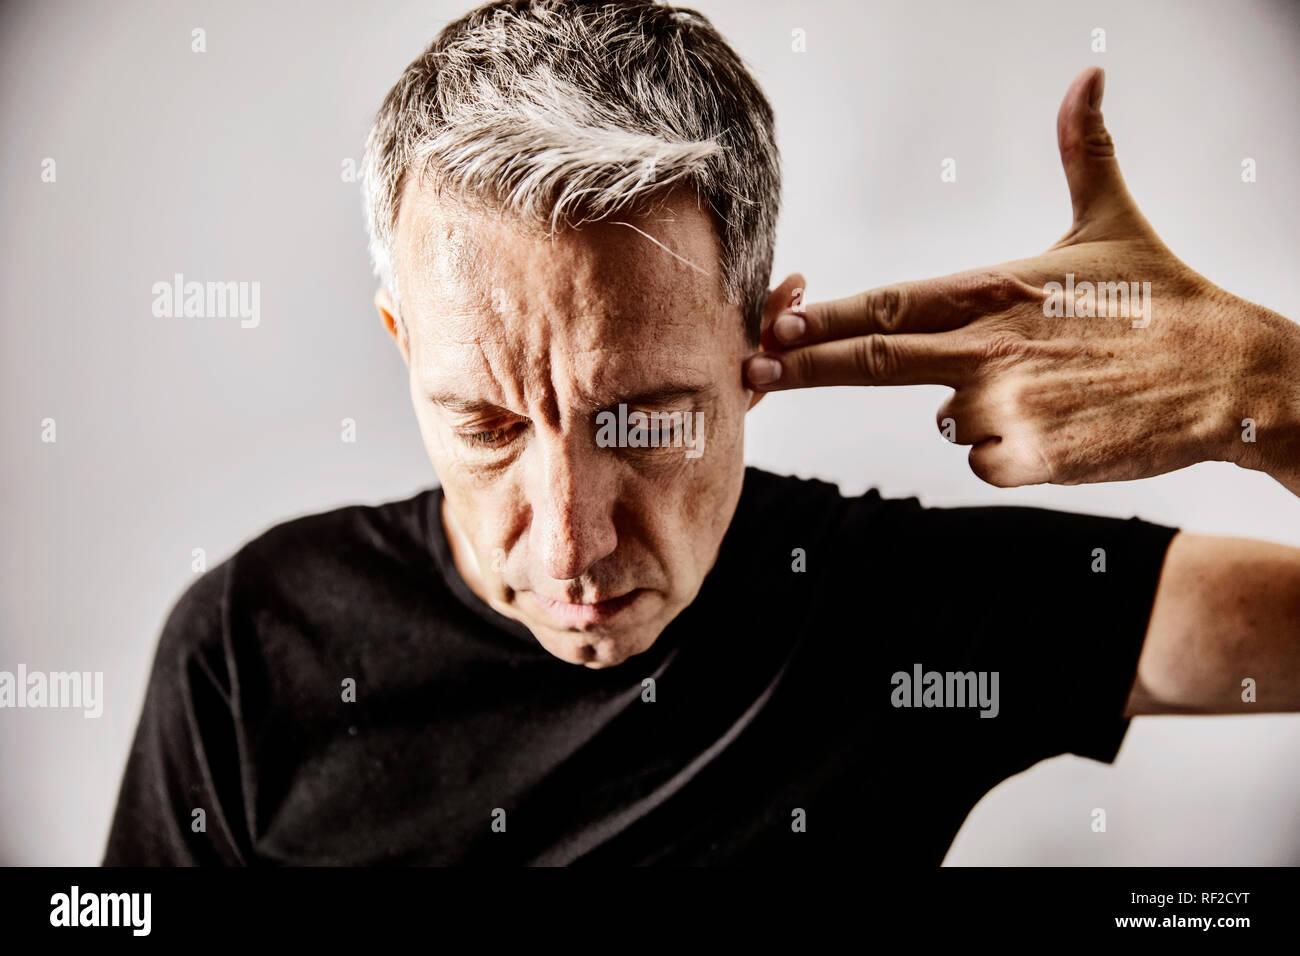 Ritratto di uomo maturo rendendo il gesto di tiro con la sua mano contro il suo tempio Immagini Stock